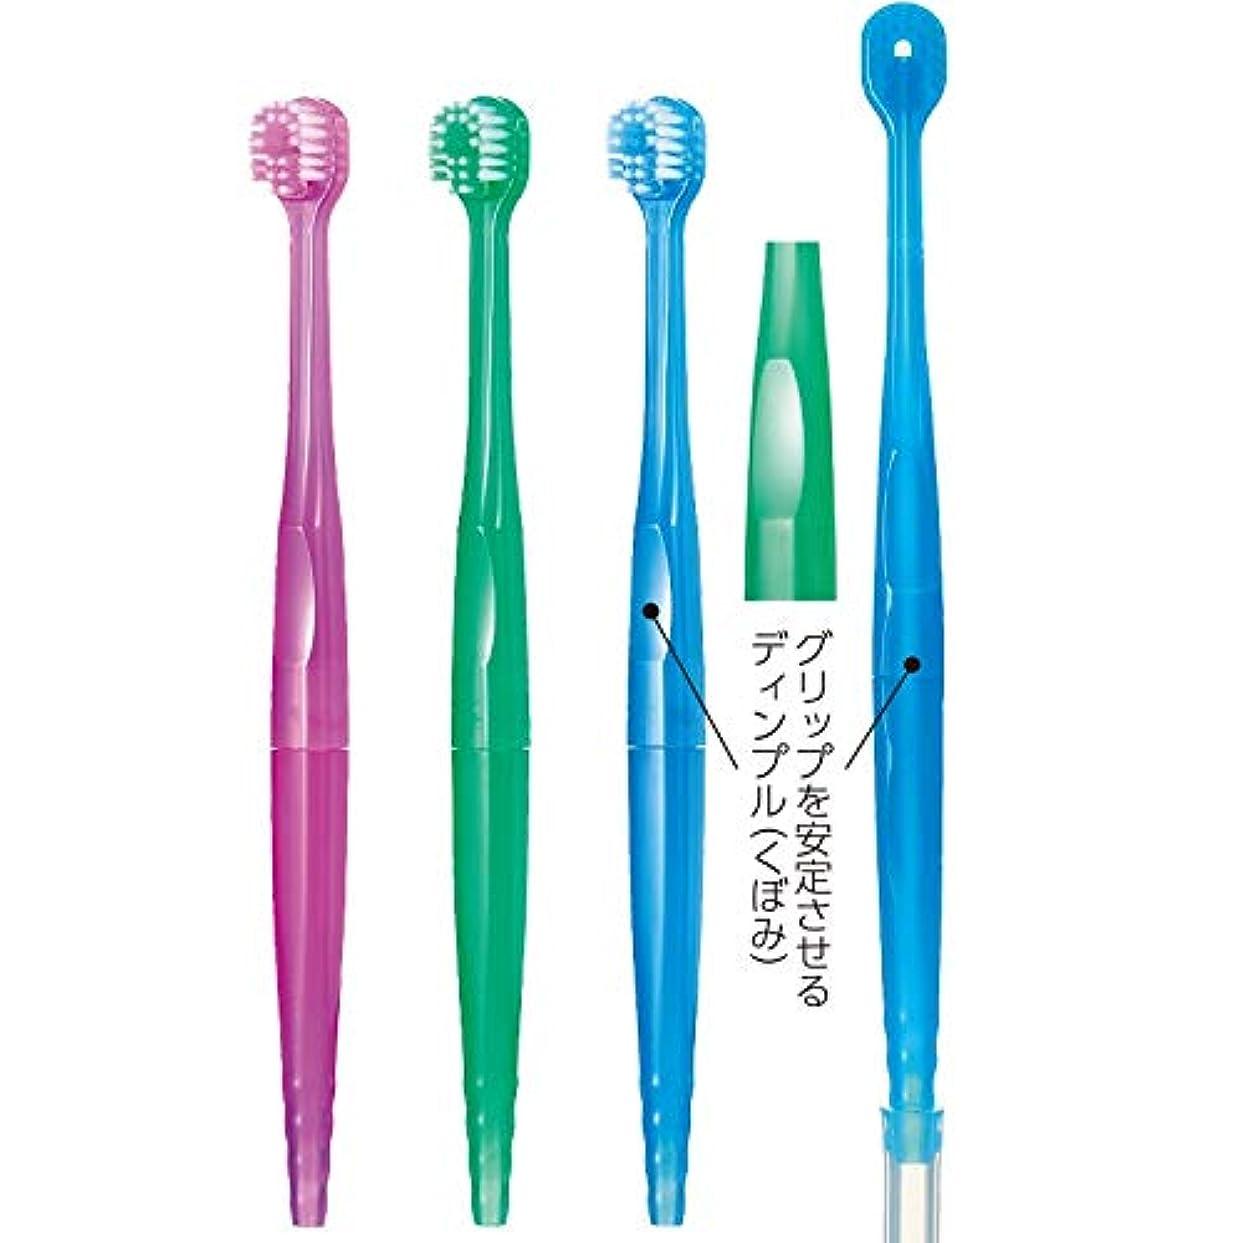 爵トロイの木馬憂鬱なCi Qin歯ブラシ(吸引歯ブラシ) /12本